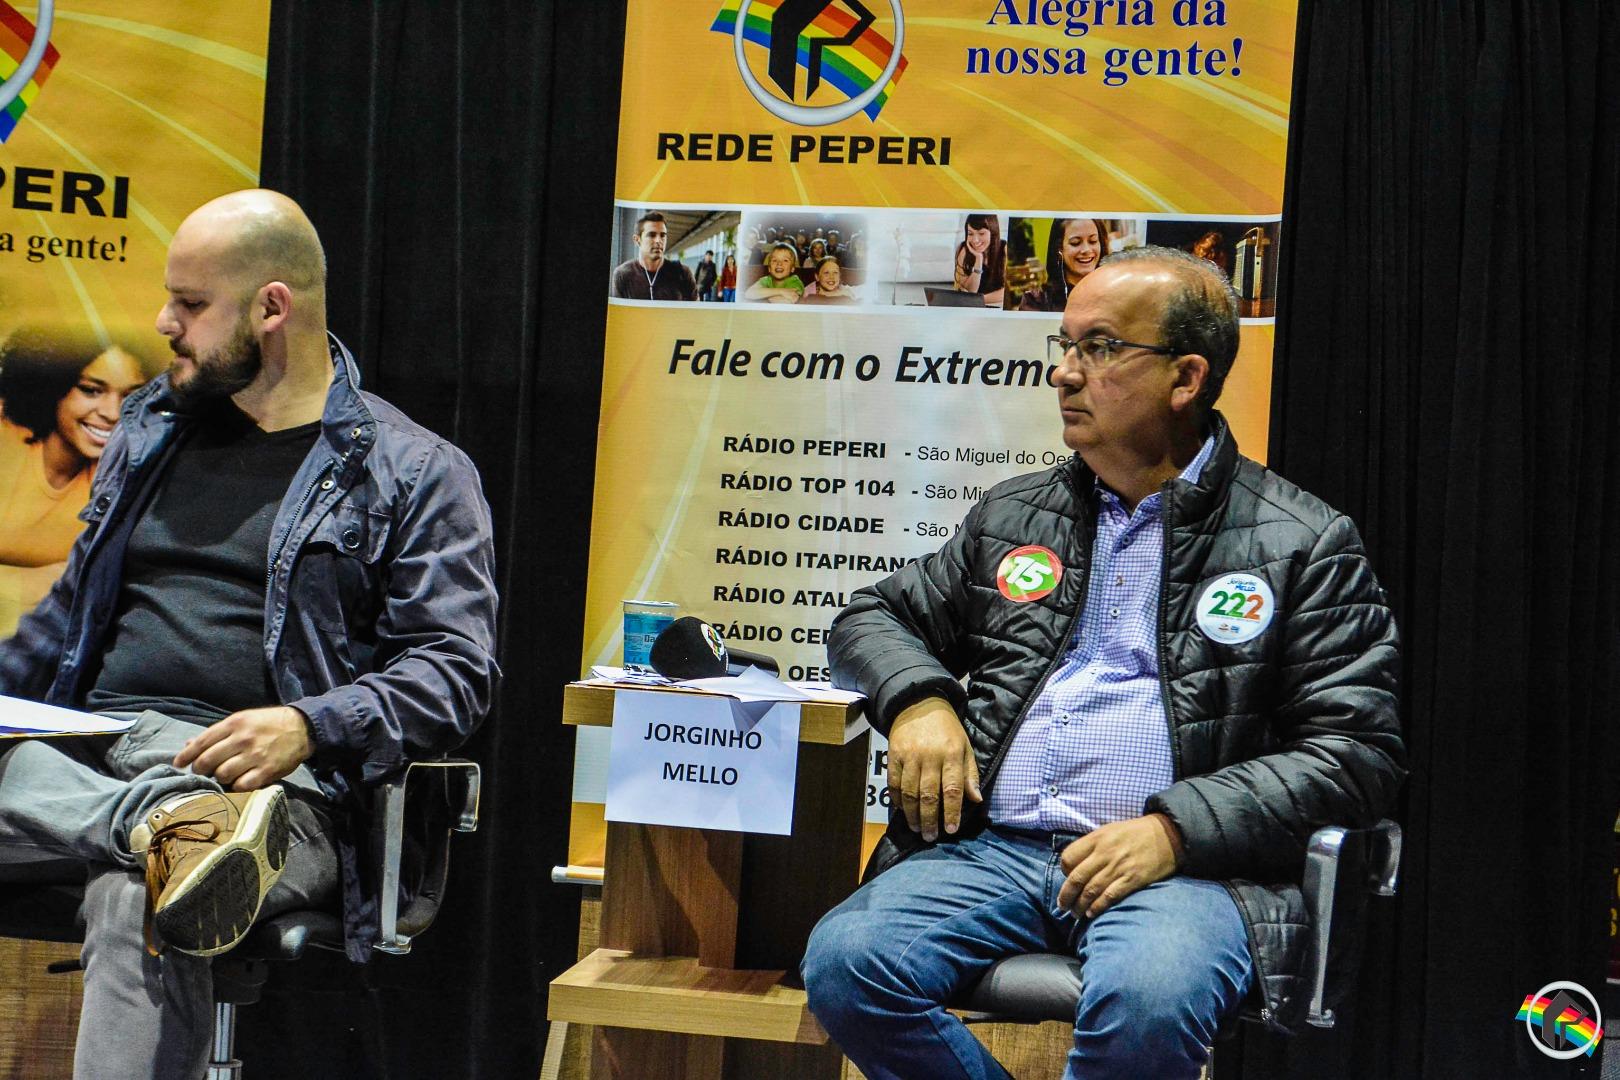 AO VIVO: Cinco candidatos ao senado participam de debate na Peperi